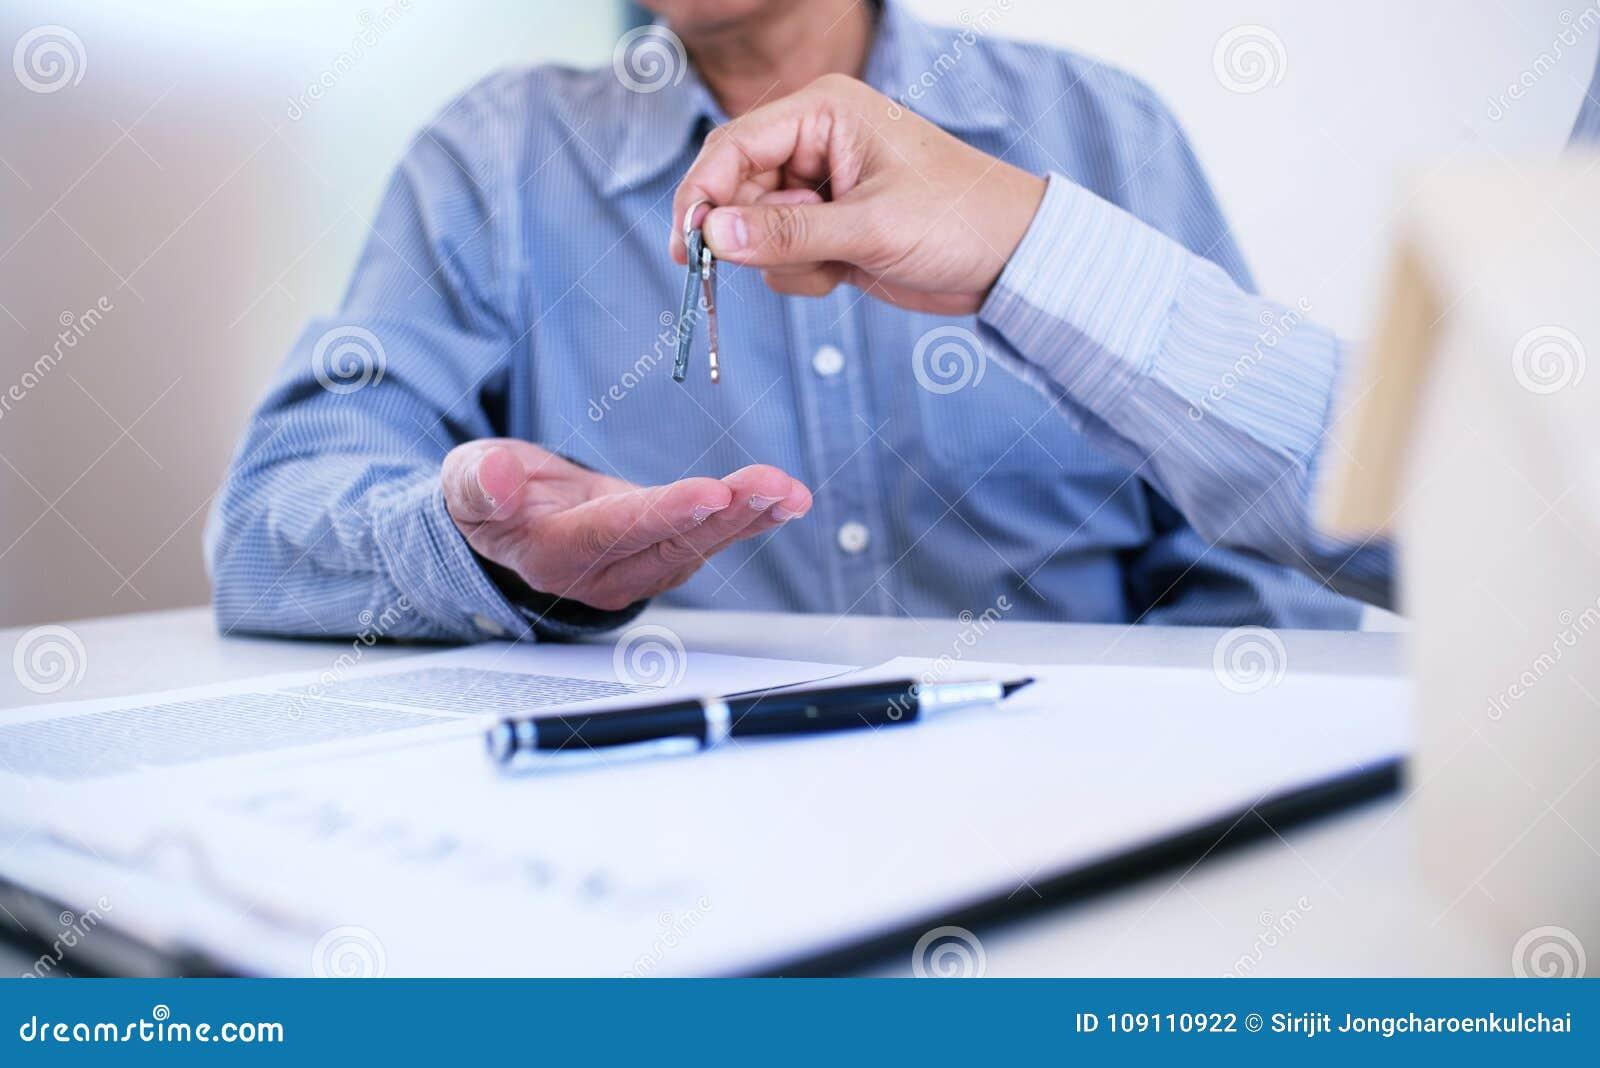 Διευθυντής πωλήσεων που δίνει το έγγραφο αίτησης υποψηφιότητας συμβουλών, consideri